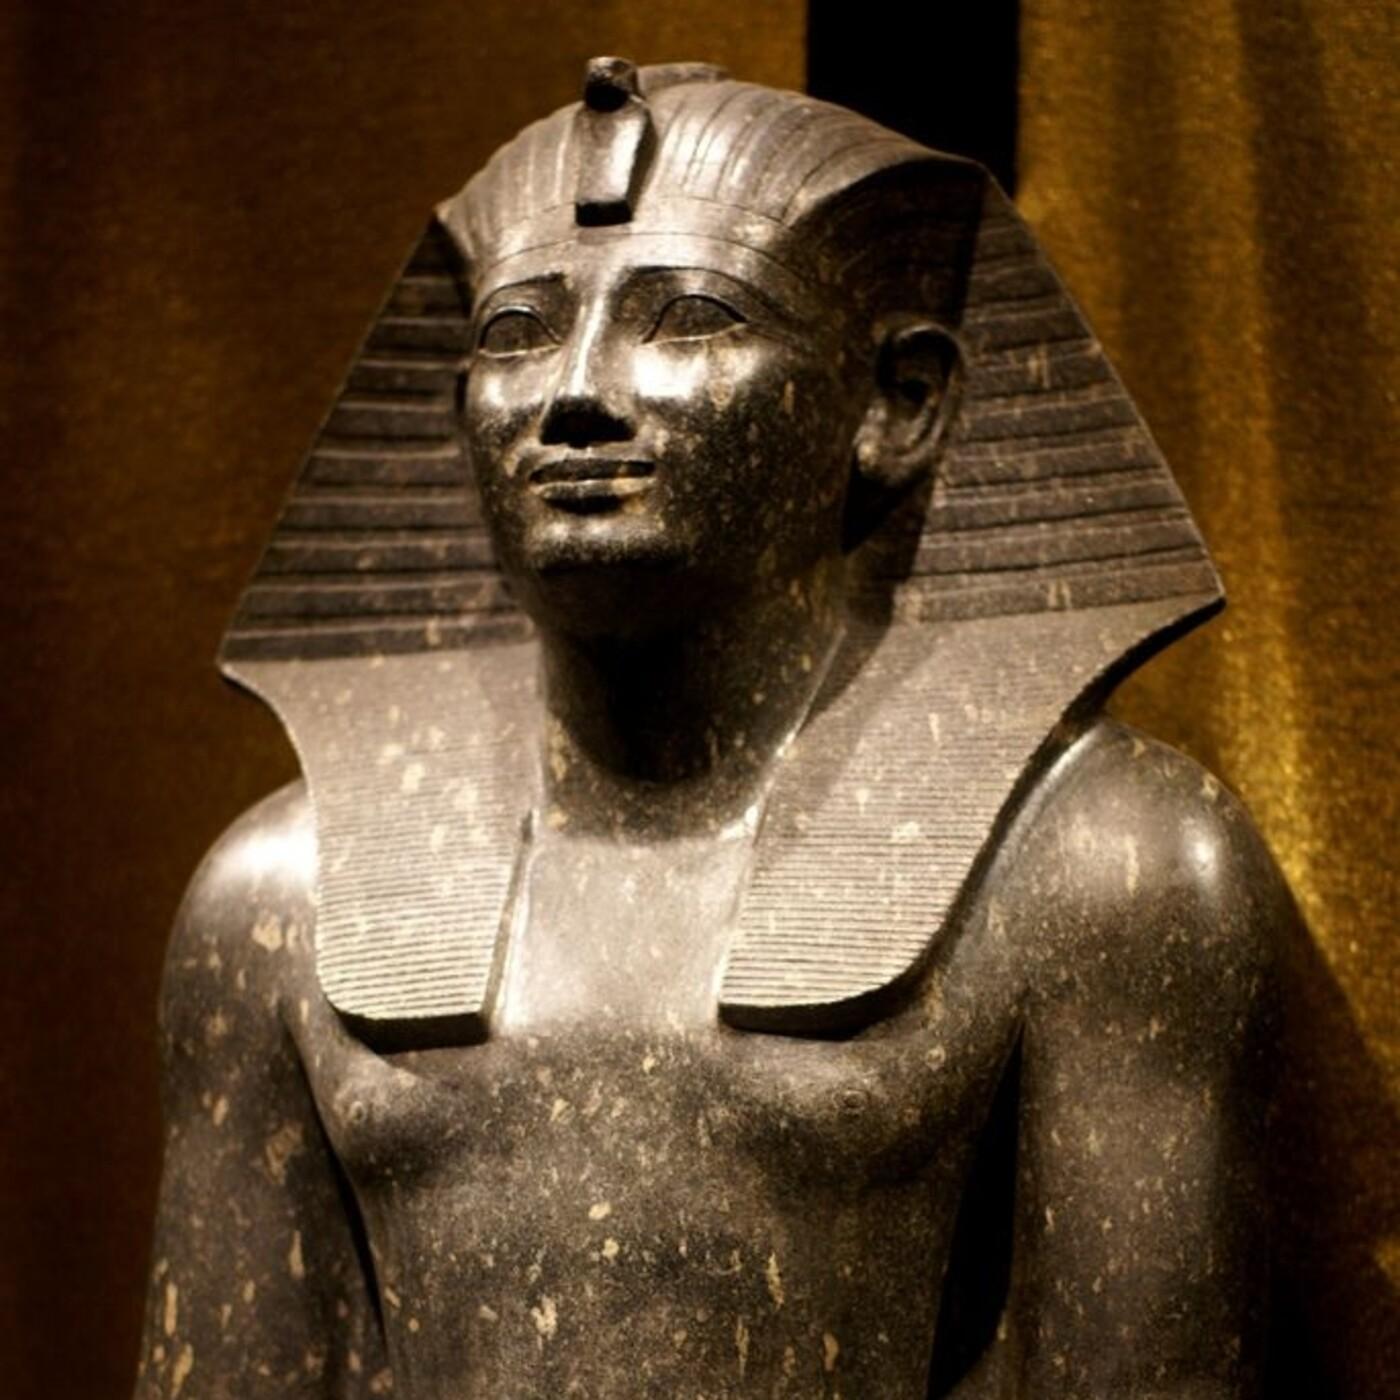 Momias, quitando la venda: La Dama Joven · El faraón de las cataratas